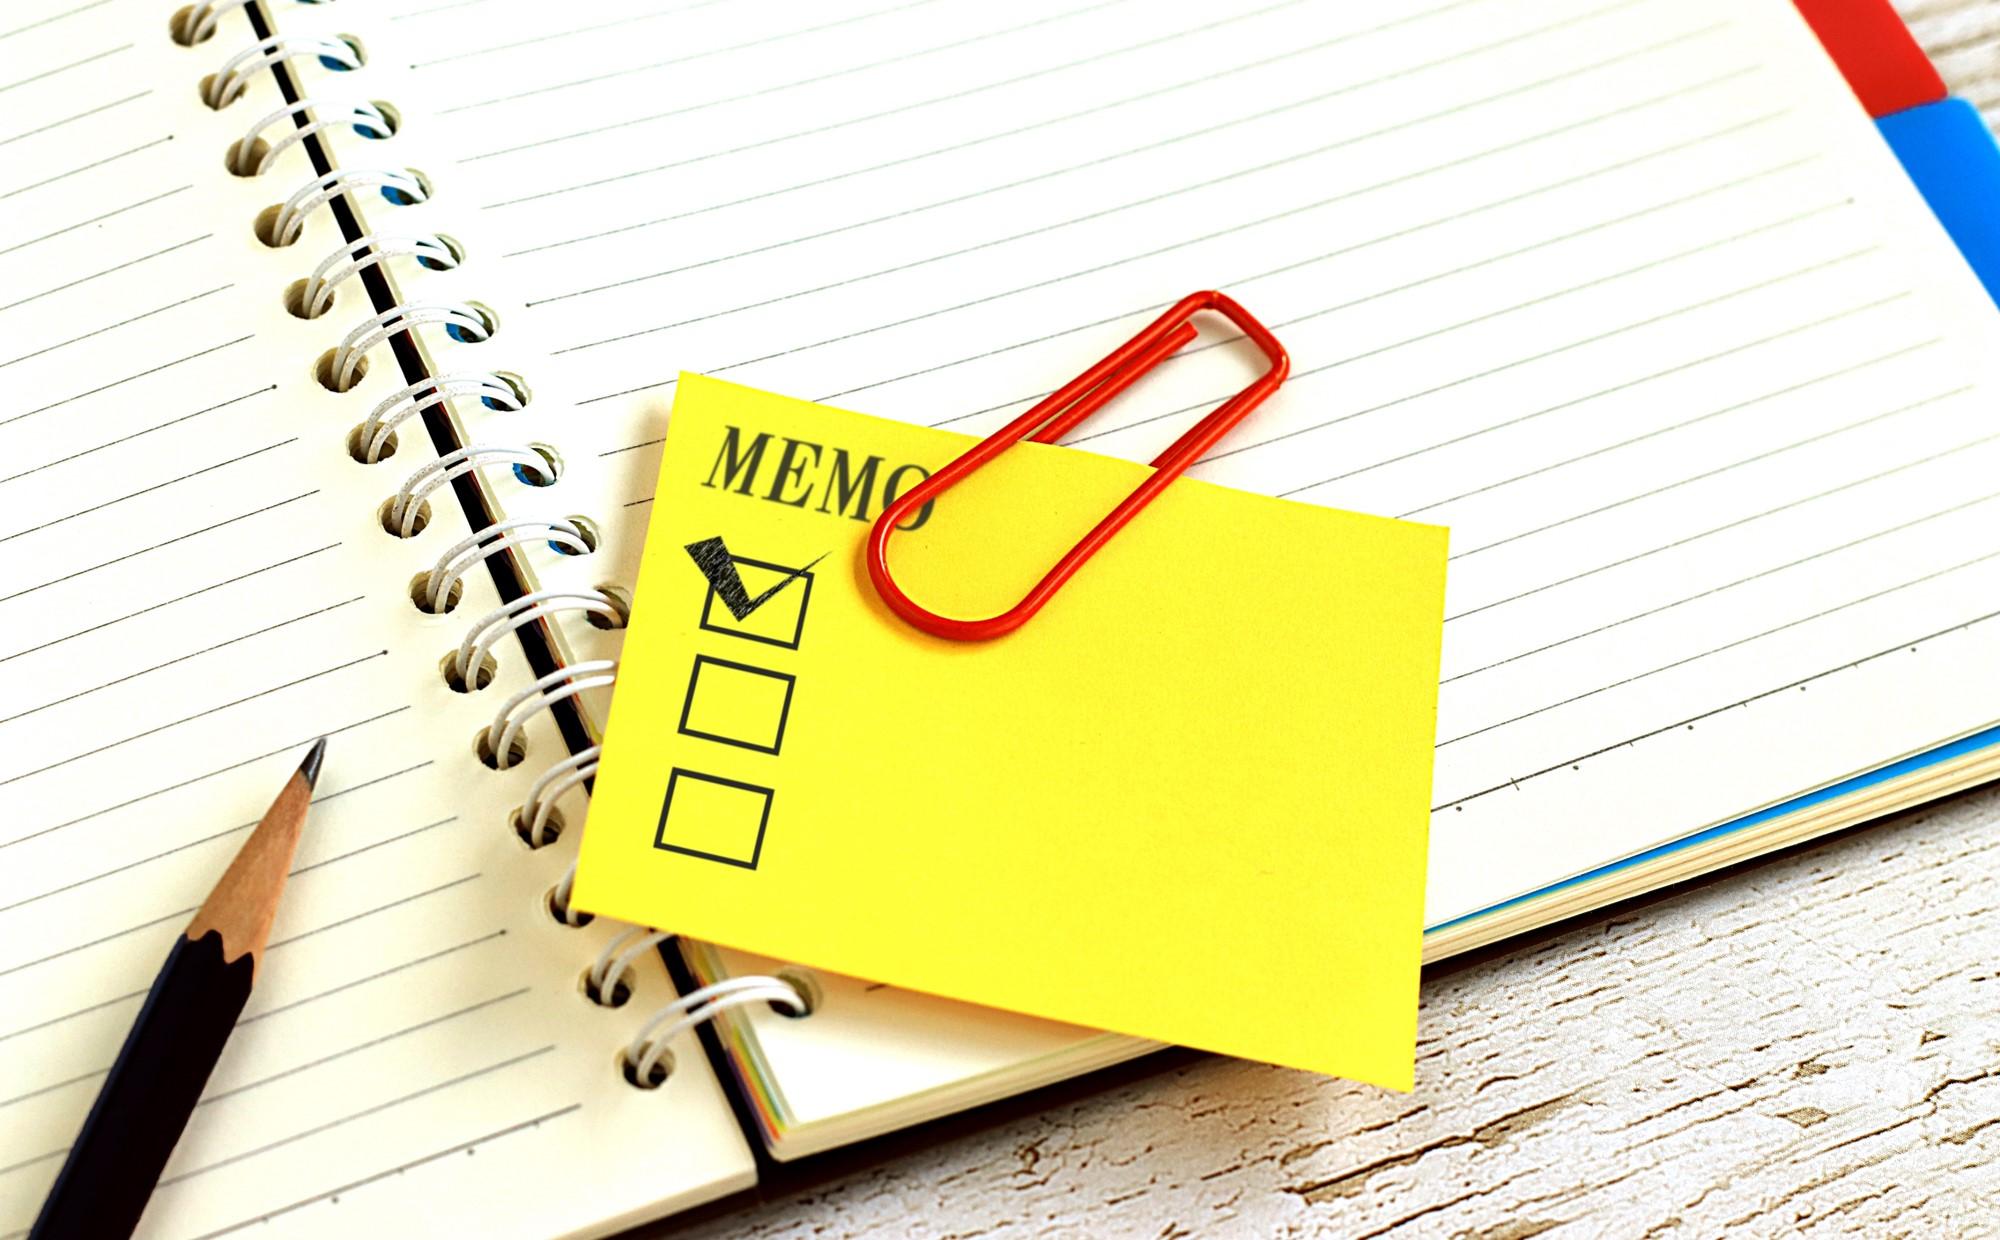 やらないことリストの役割と作り方。毎日を充実させるためのNot To Doリストとは?